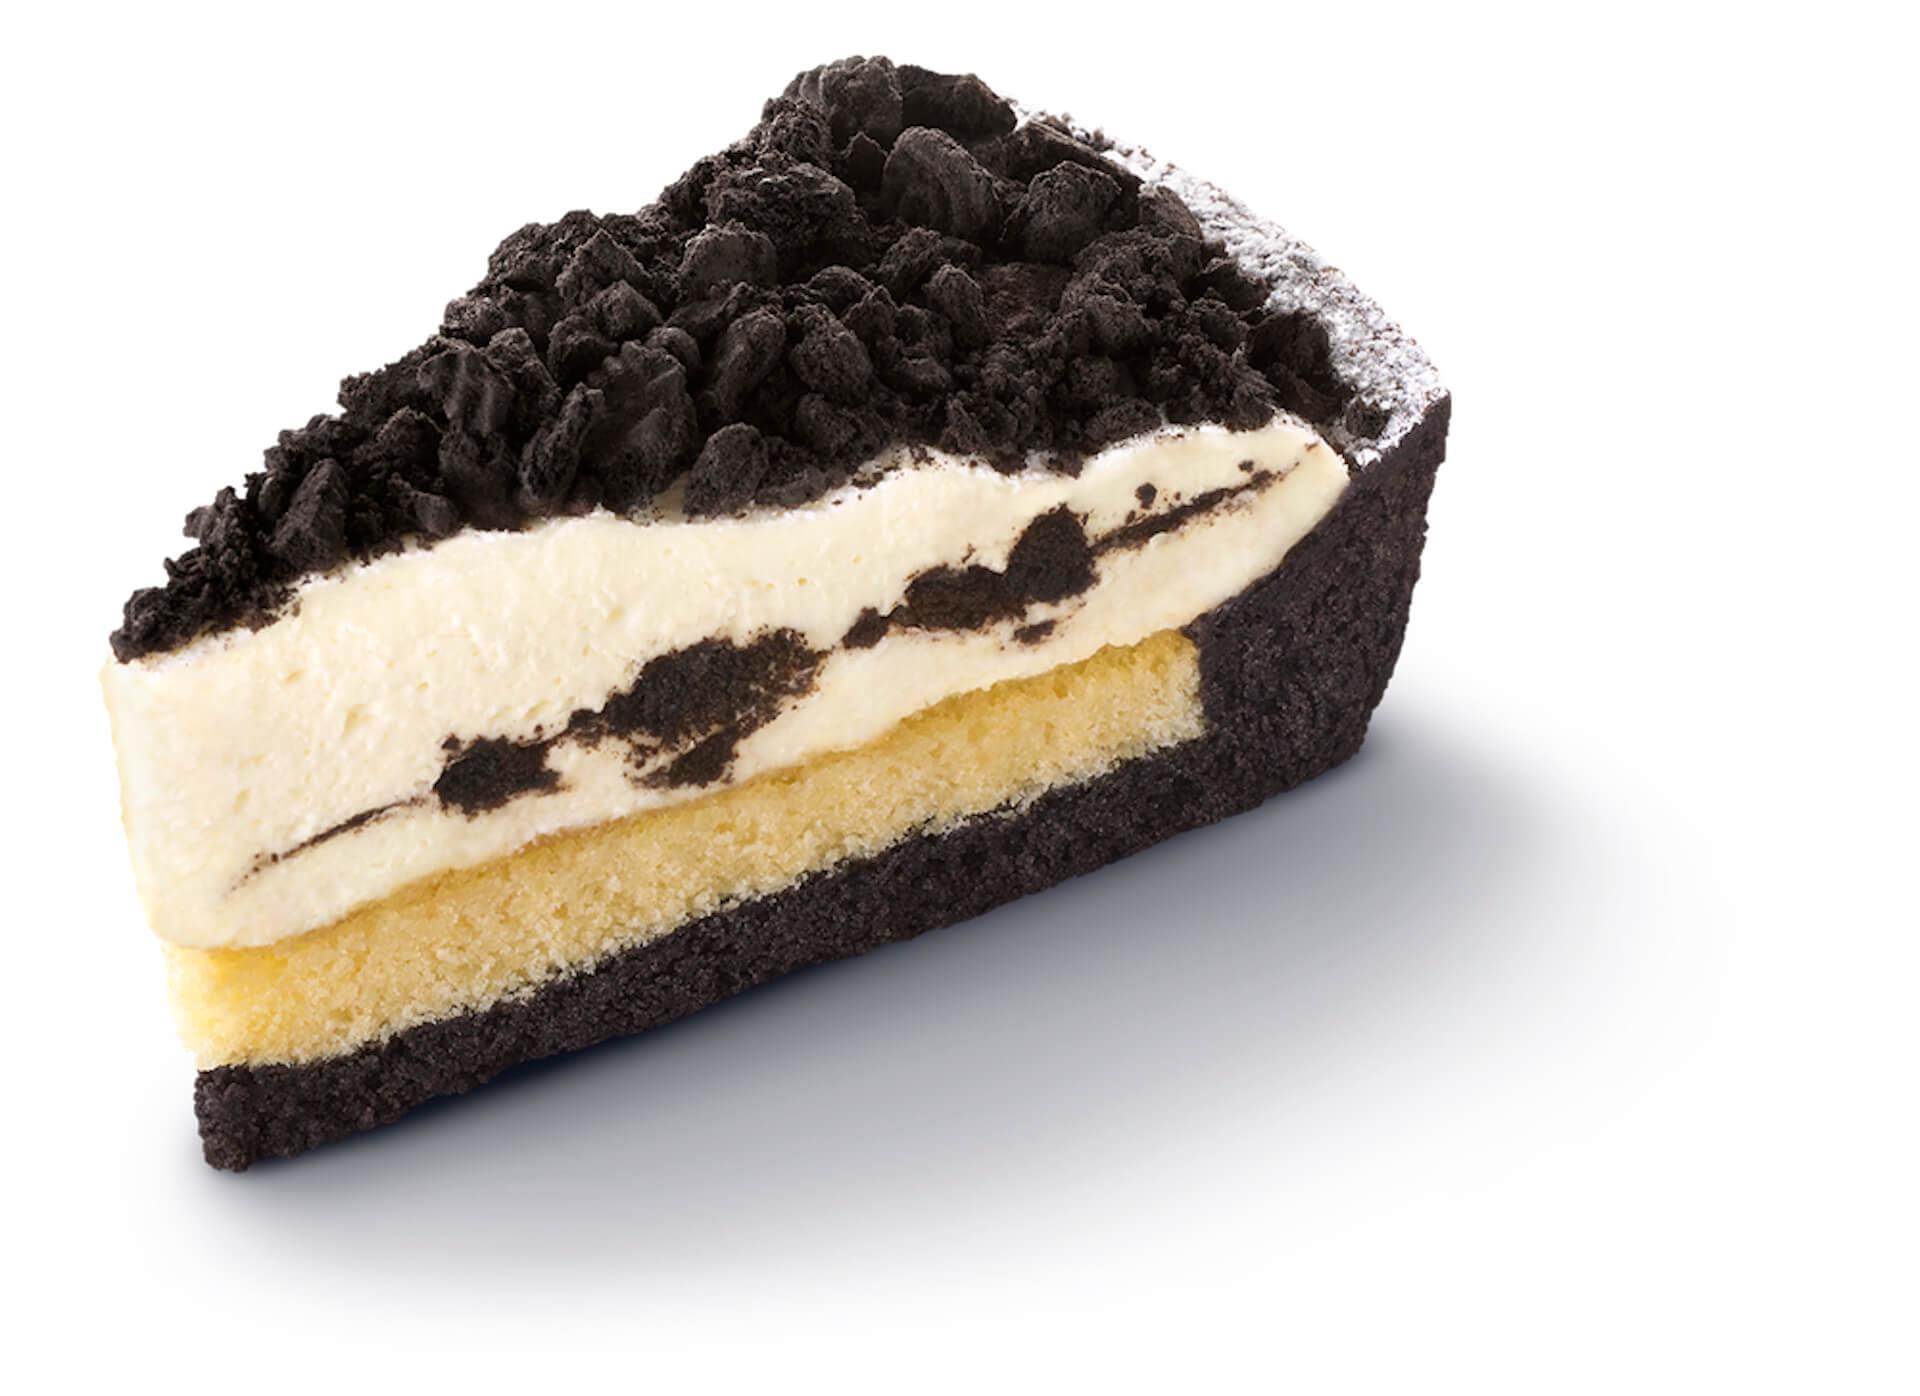 マクドナルドからオレオとのコラボチーズケーキ「オレオ クッキー チーズケーキ」が期間限定発売決定!500円のケーキセットも gourmet210317_mcdonald_oreo_6